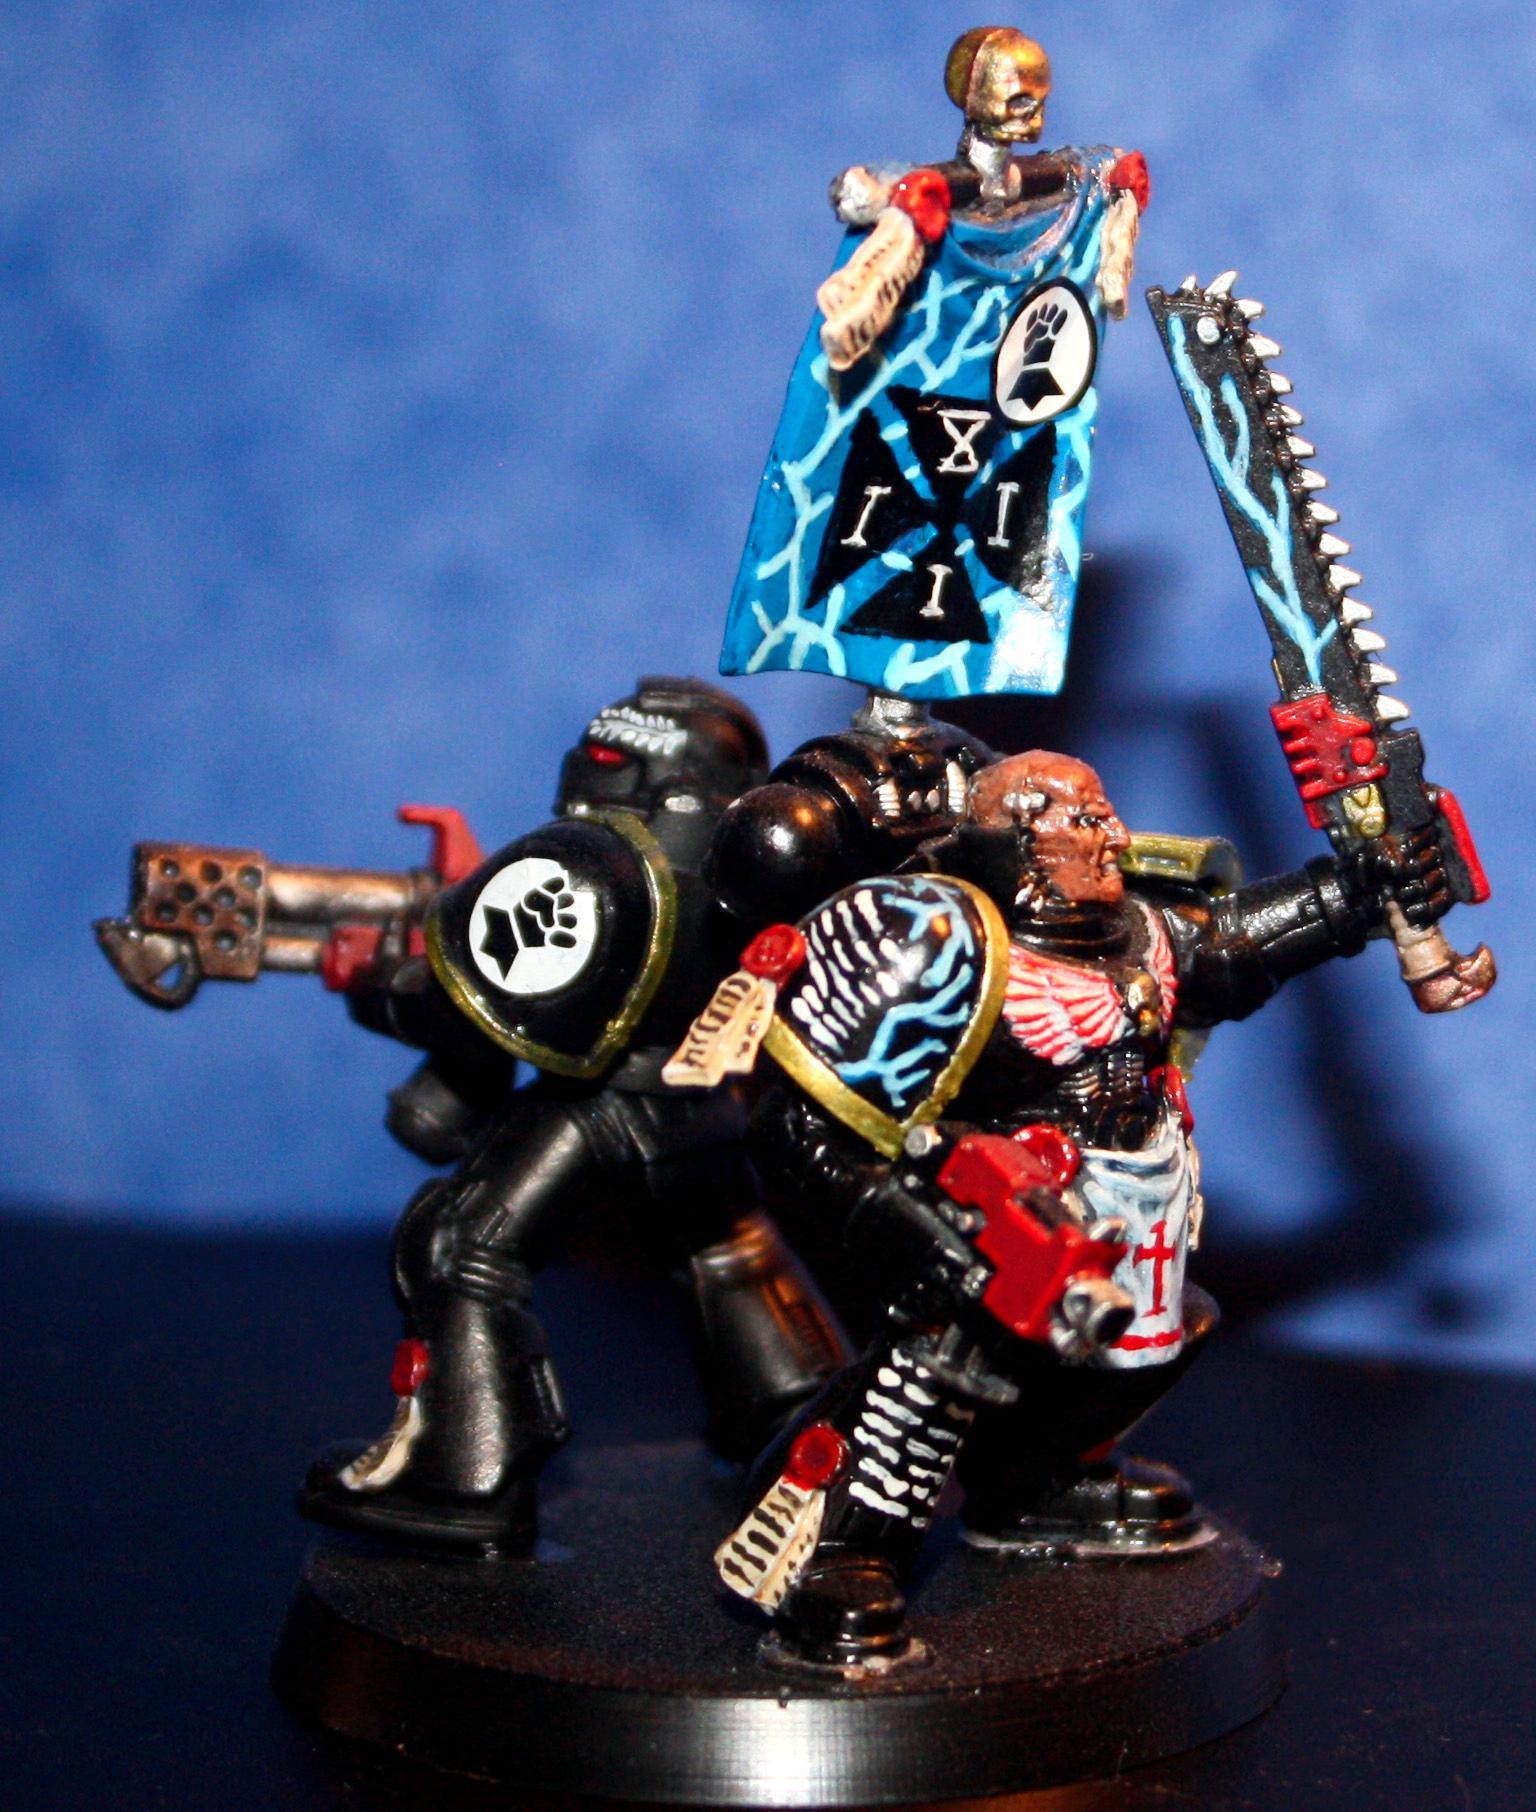 Spacemarine, Sweden, Warhammer 40,000, Warhammer Fantasy